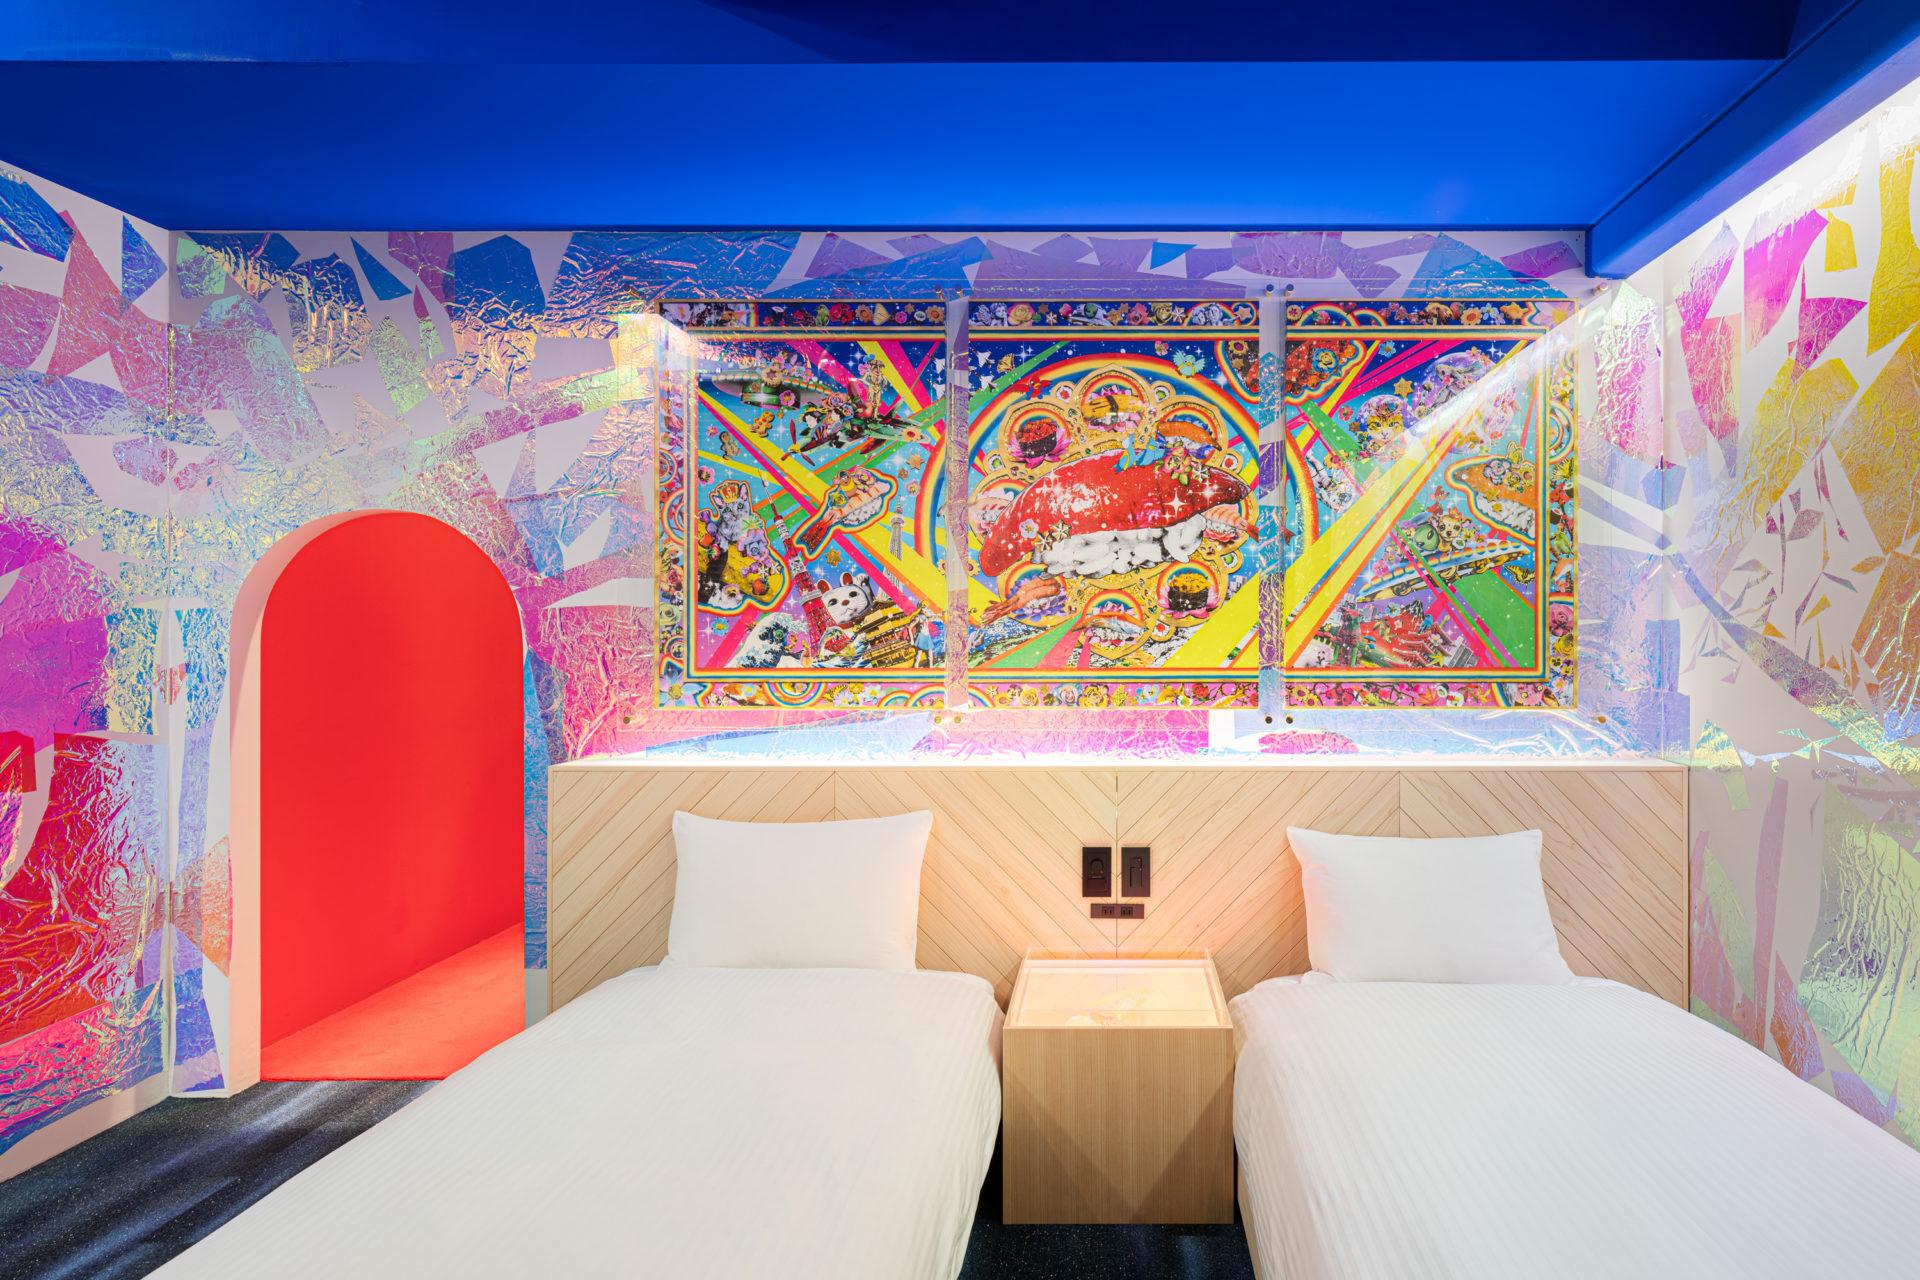 Hotel ou galeria de arte - Quarto Sushi wars, do hotel BnB Wall, localizado em Tóquio, Japão